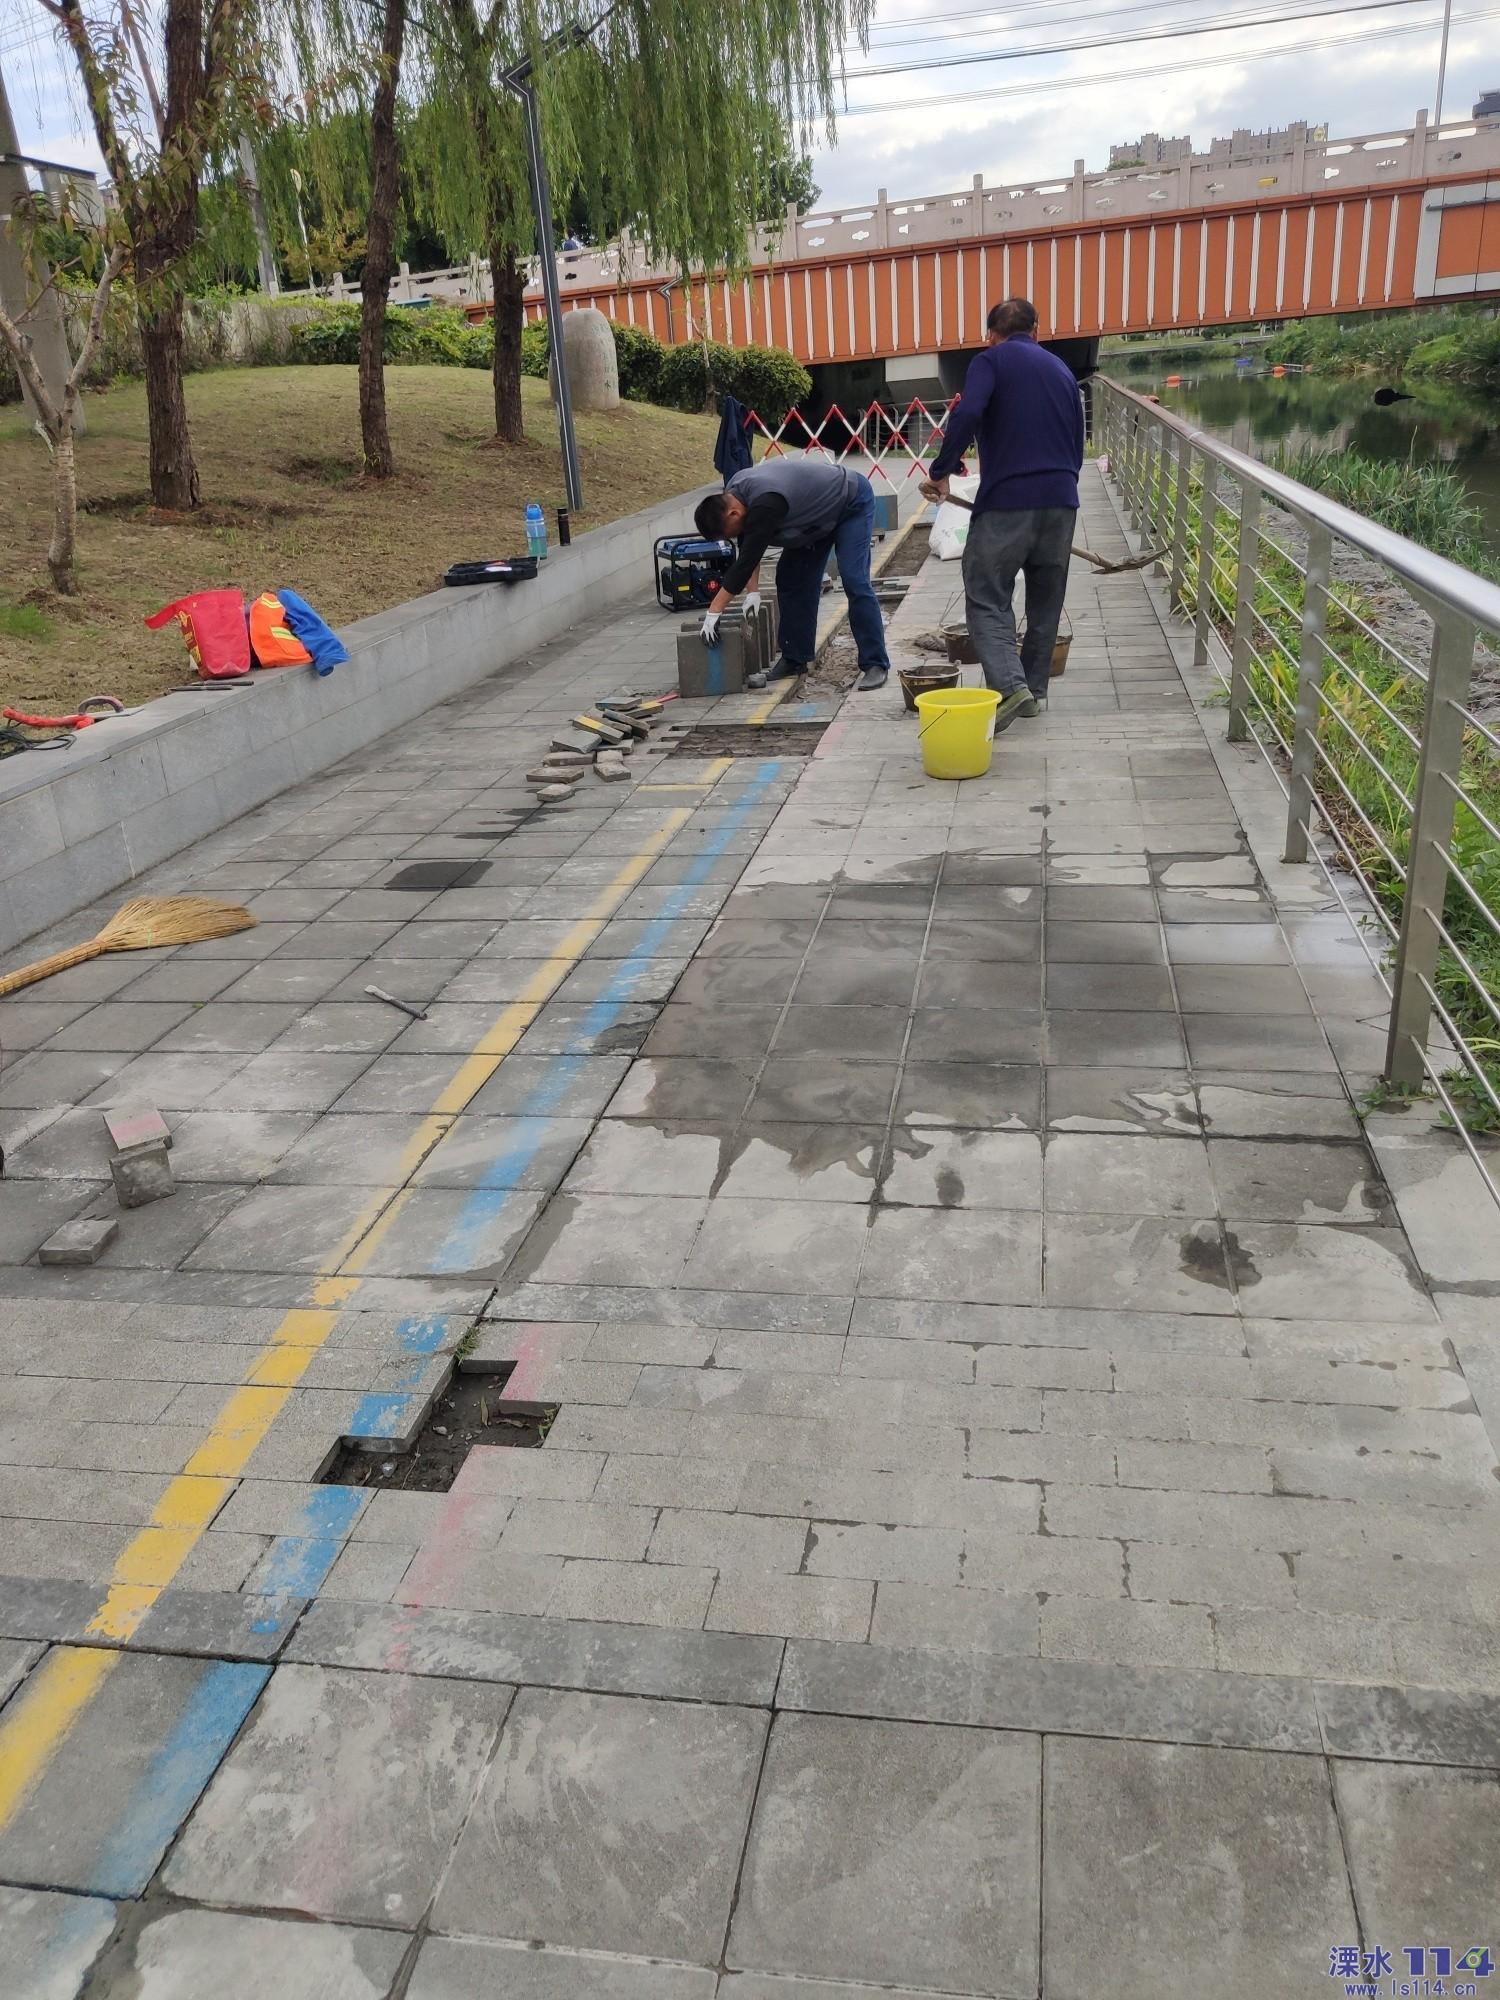 中山河畔的健康步道开始维修了